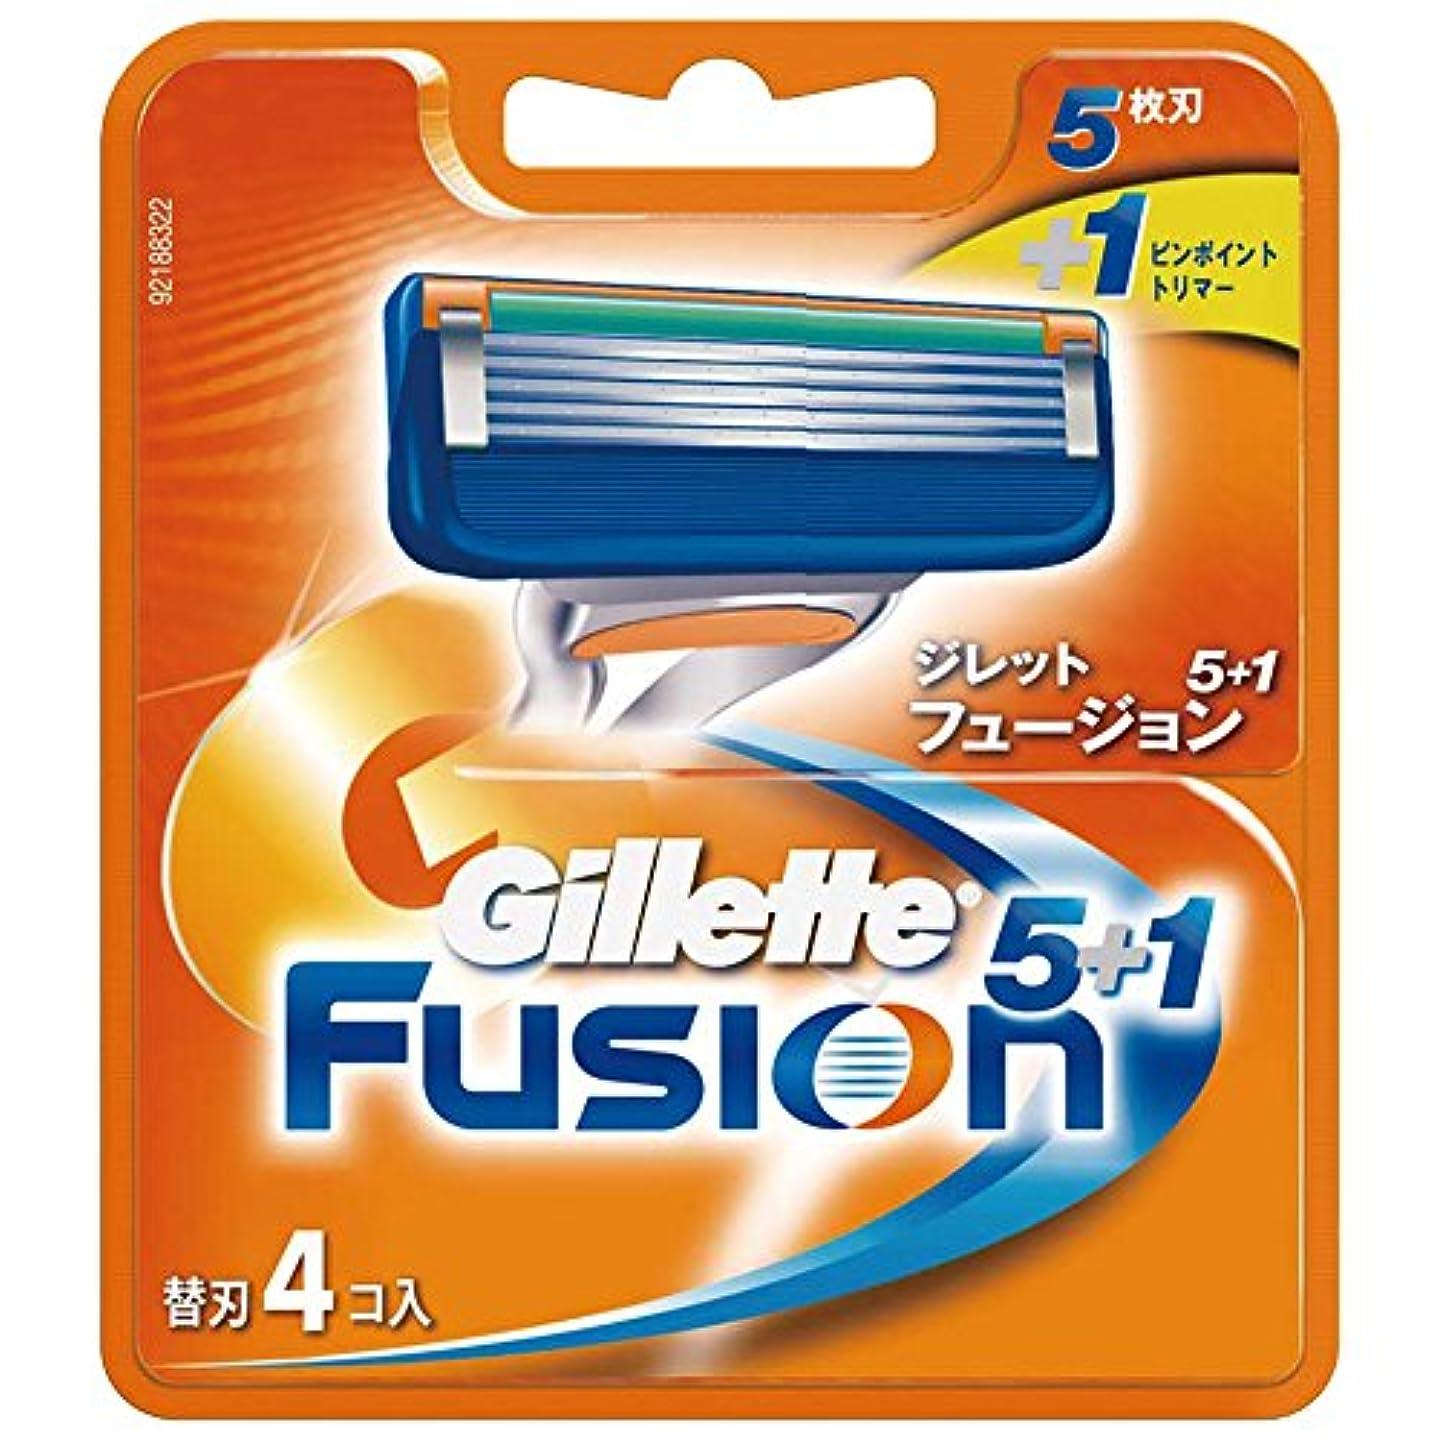 安全でないビジネスアーチジレット 髭剃り フュージョン5+1 替刃4個入